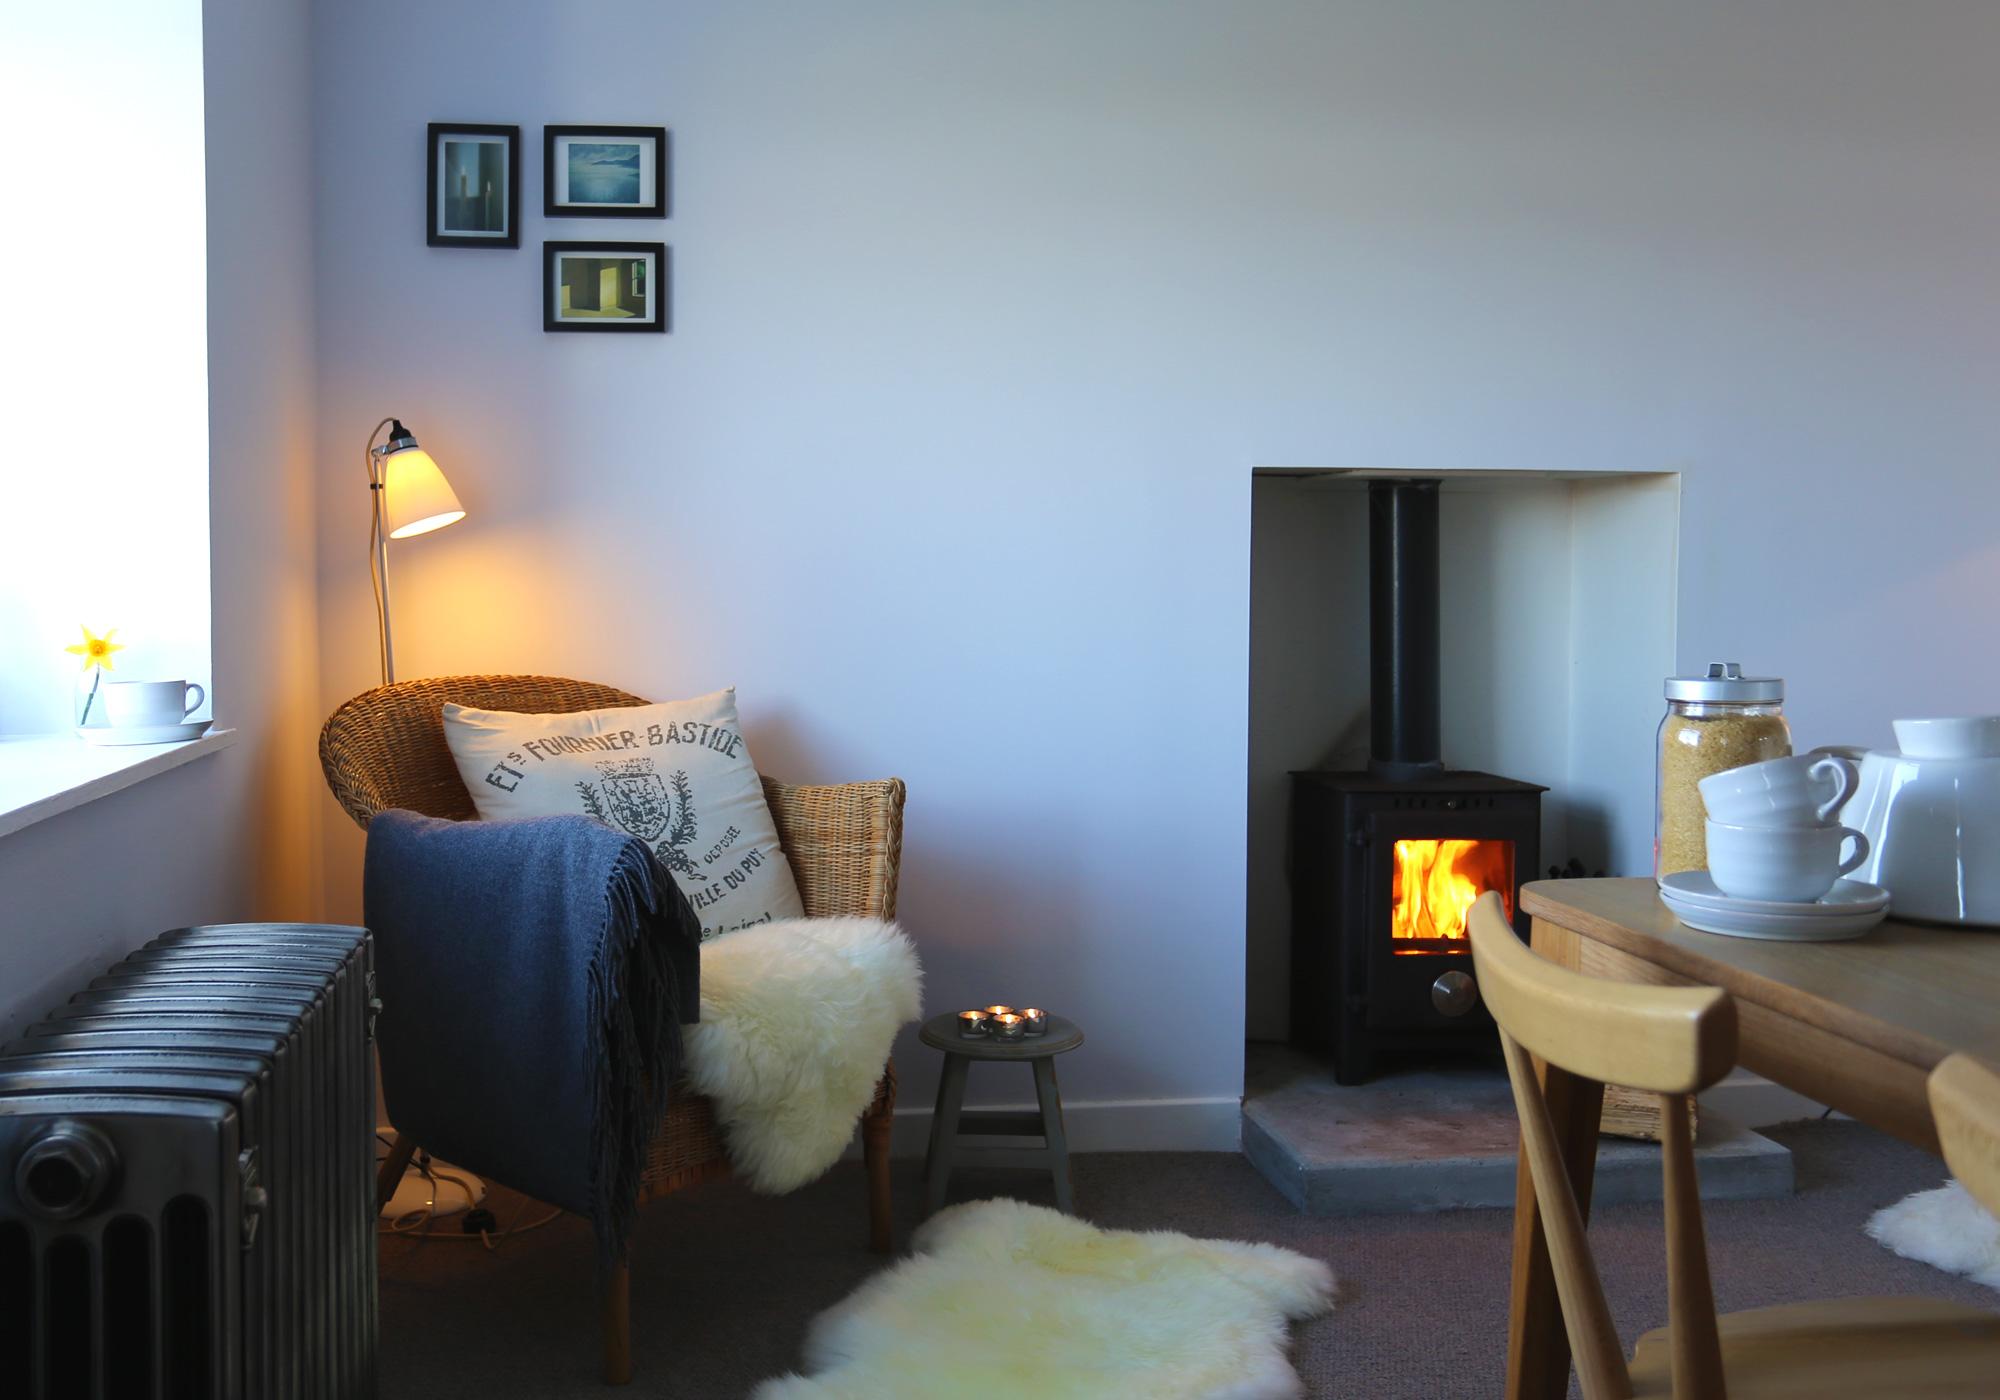 Isle of Skye Self-Catering Holiday Cottage | Skye White House | Polished Cast Iron Radiators